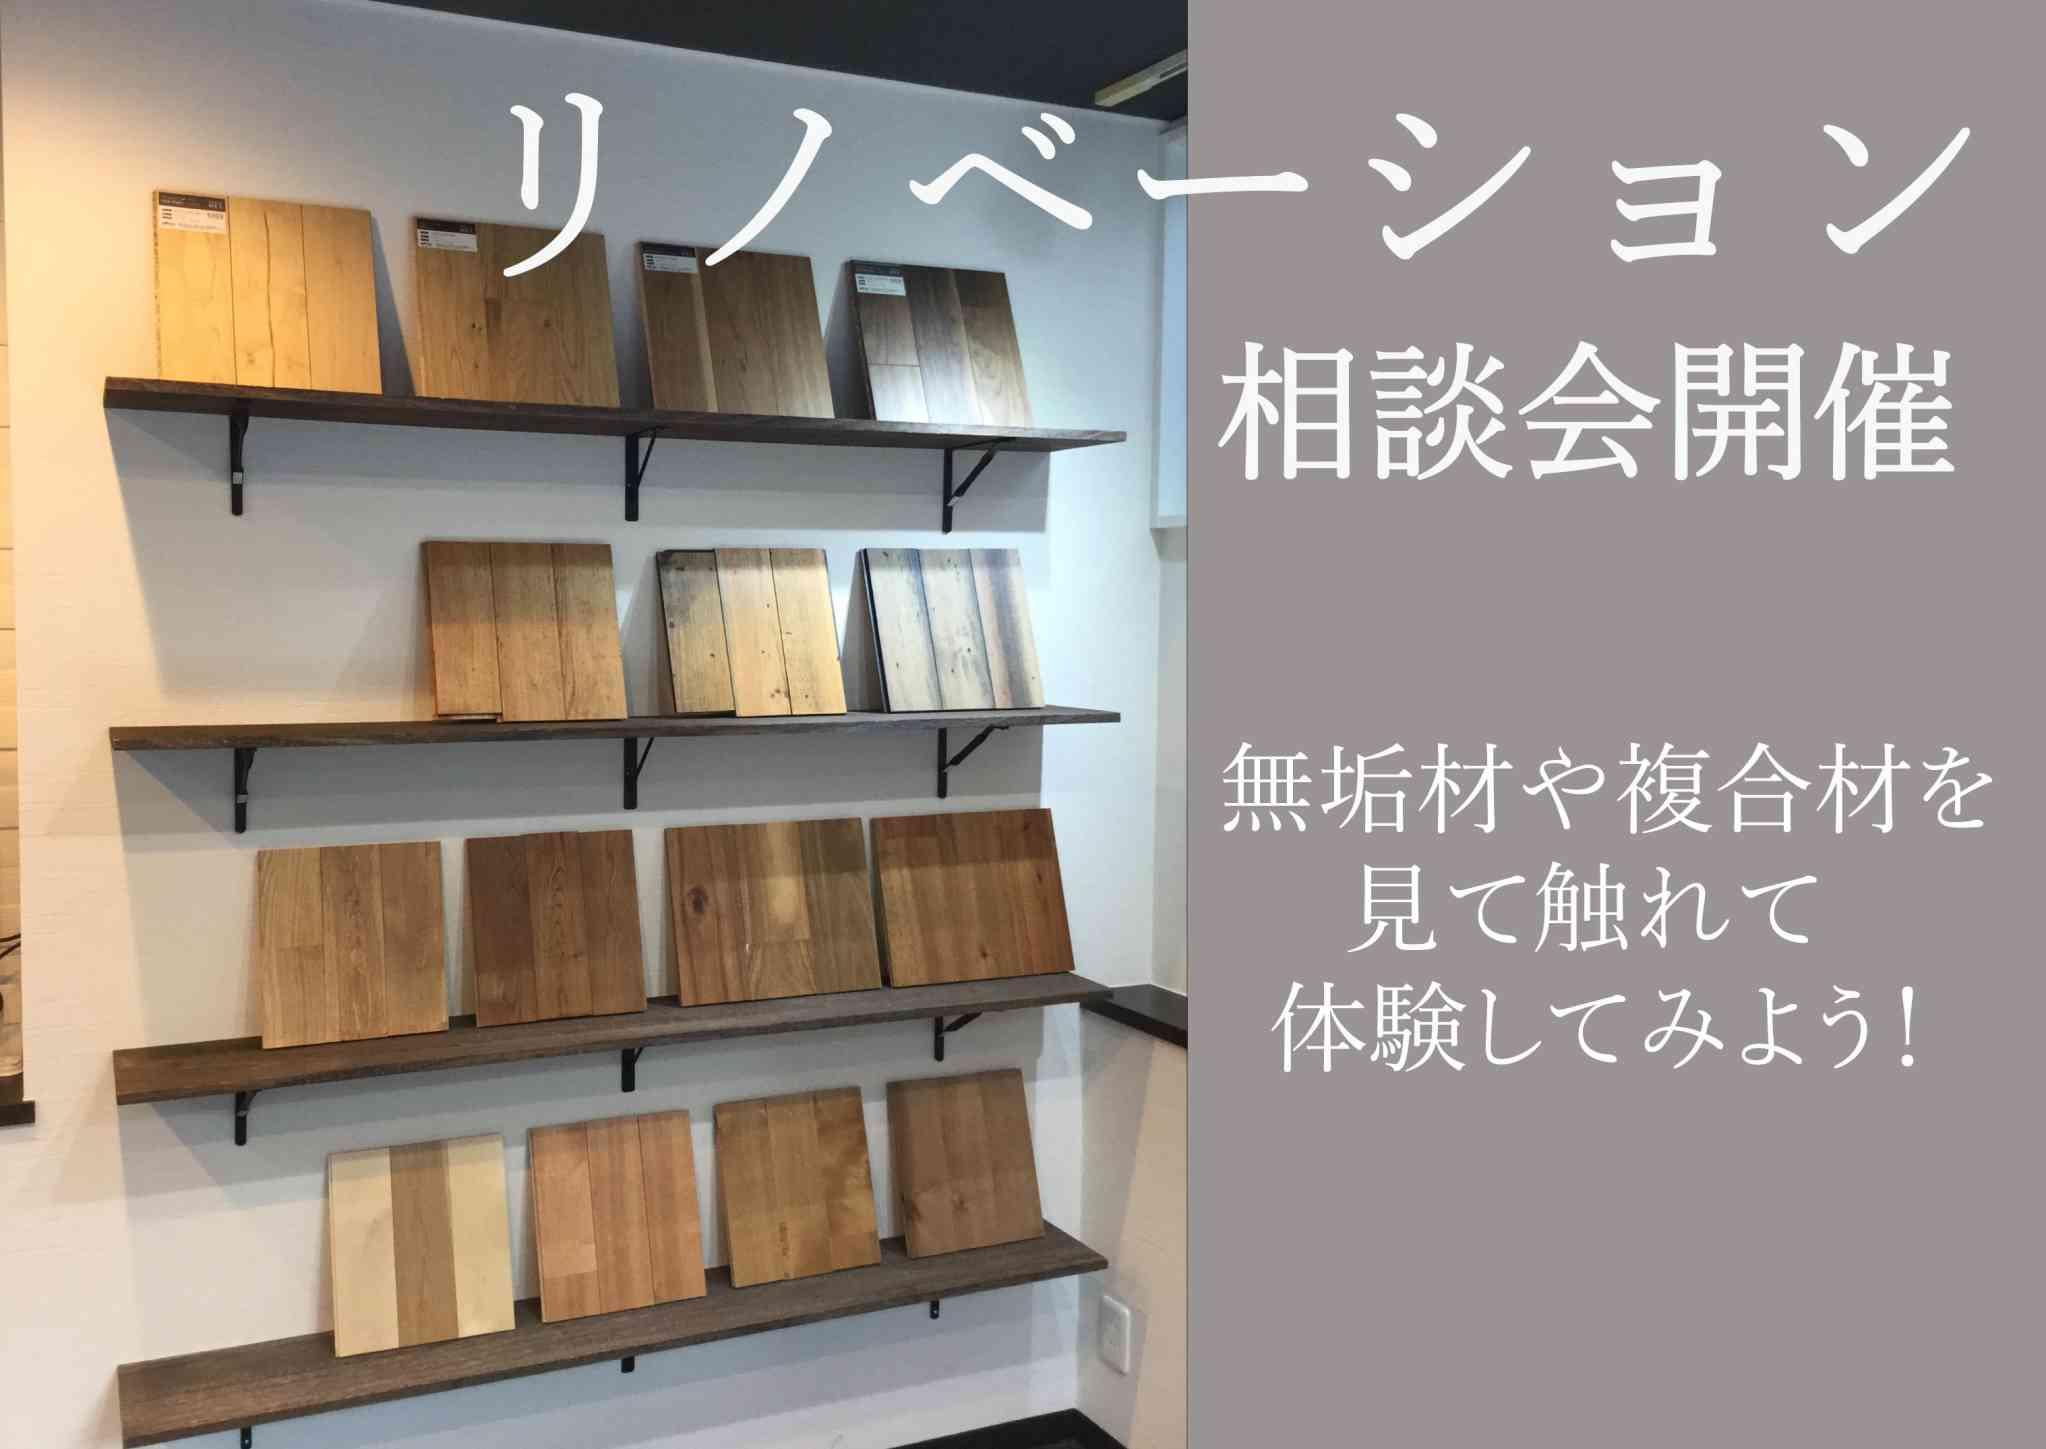 【リノベーション相談会 開催地 :江戸川区平井】